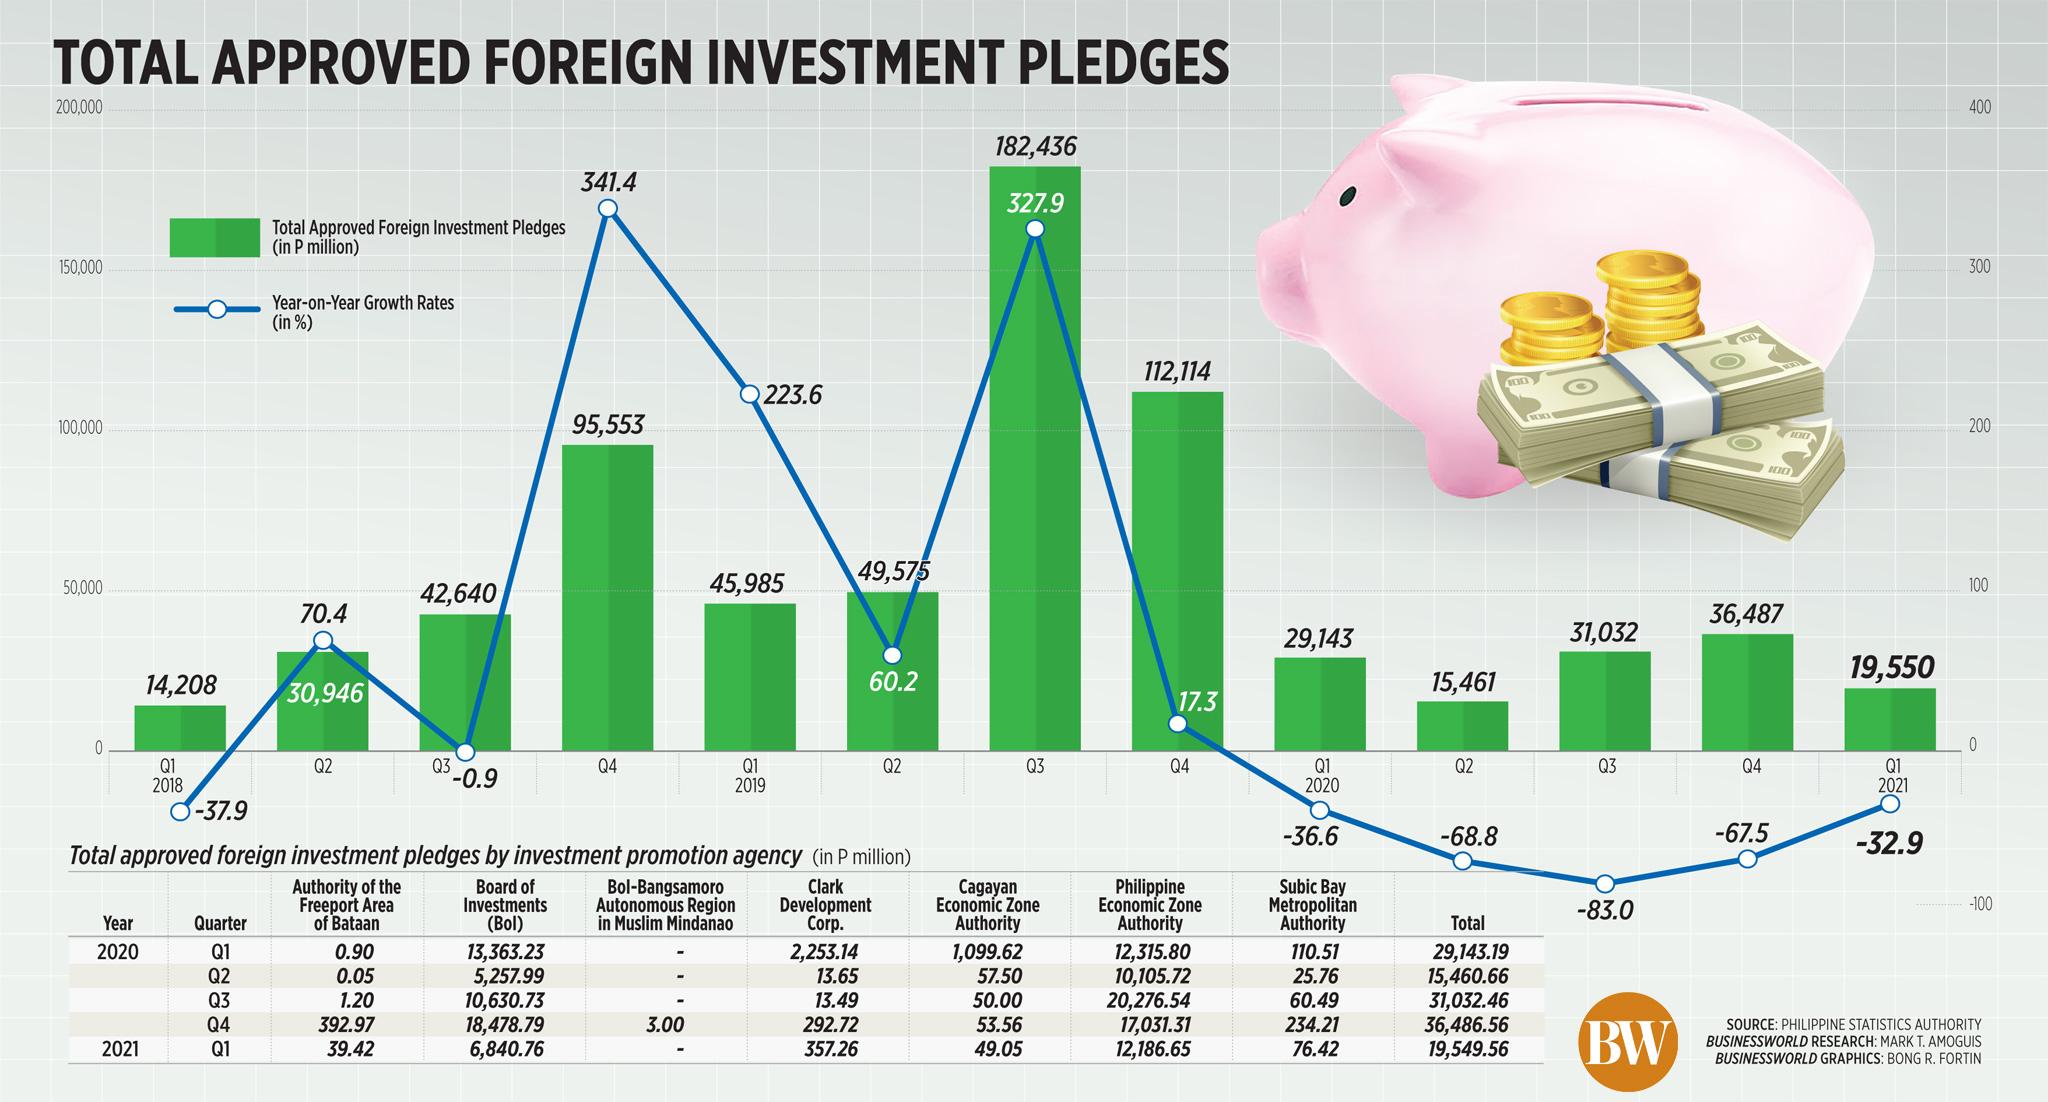 Total de promesas de inversión extranjera aprobadas